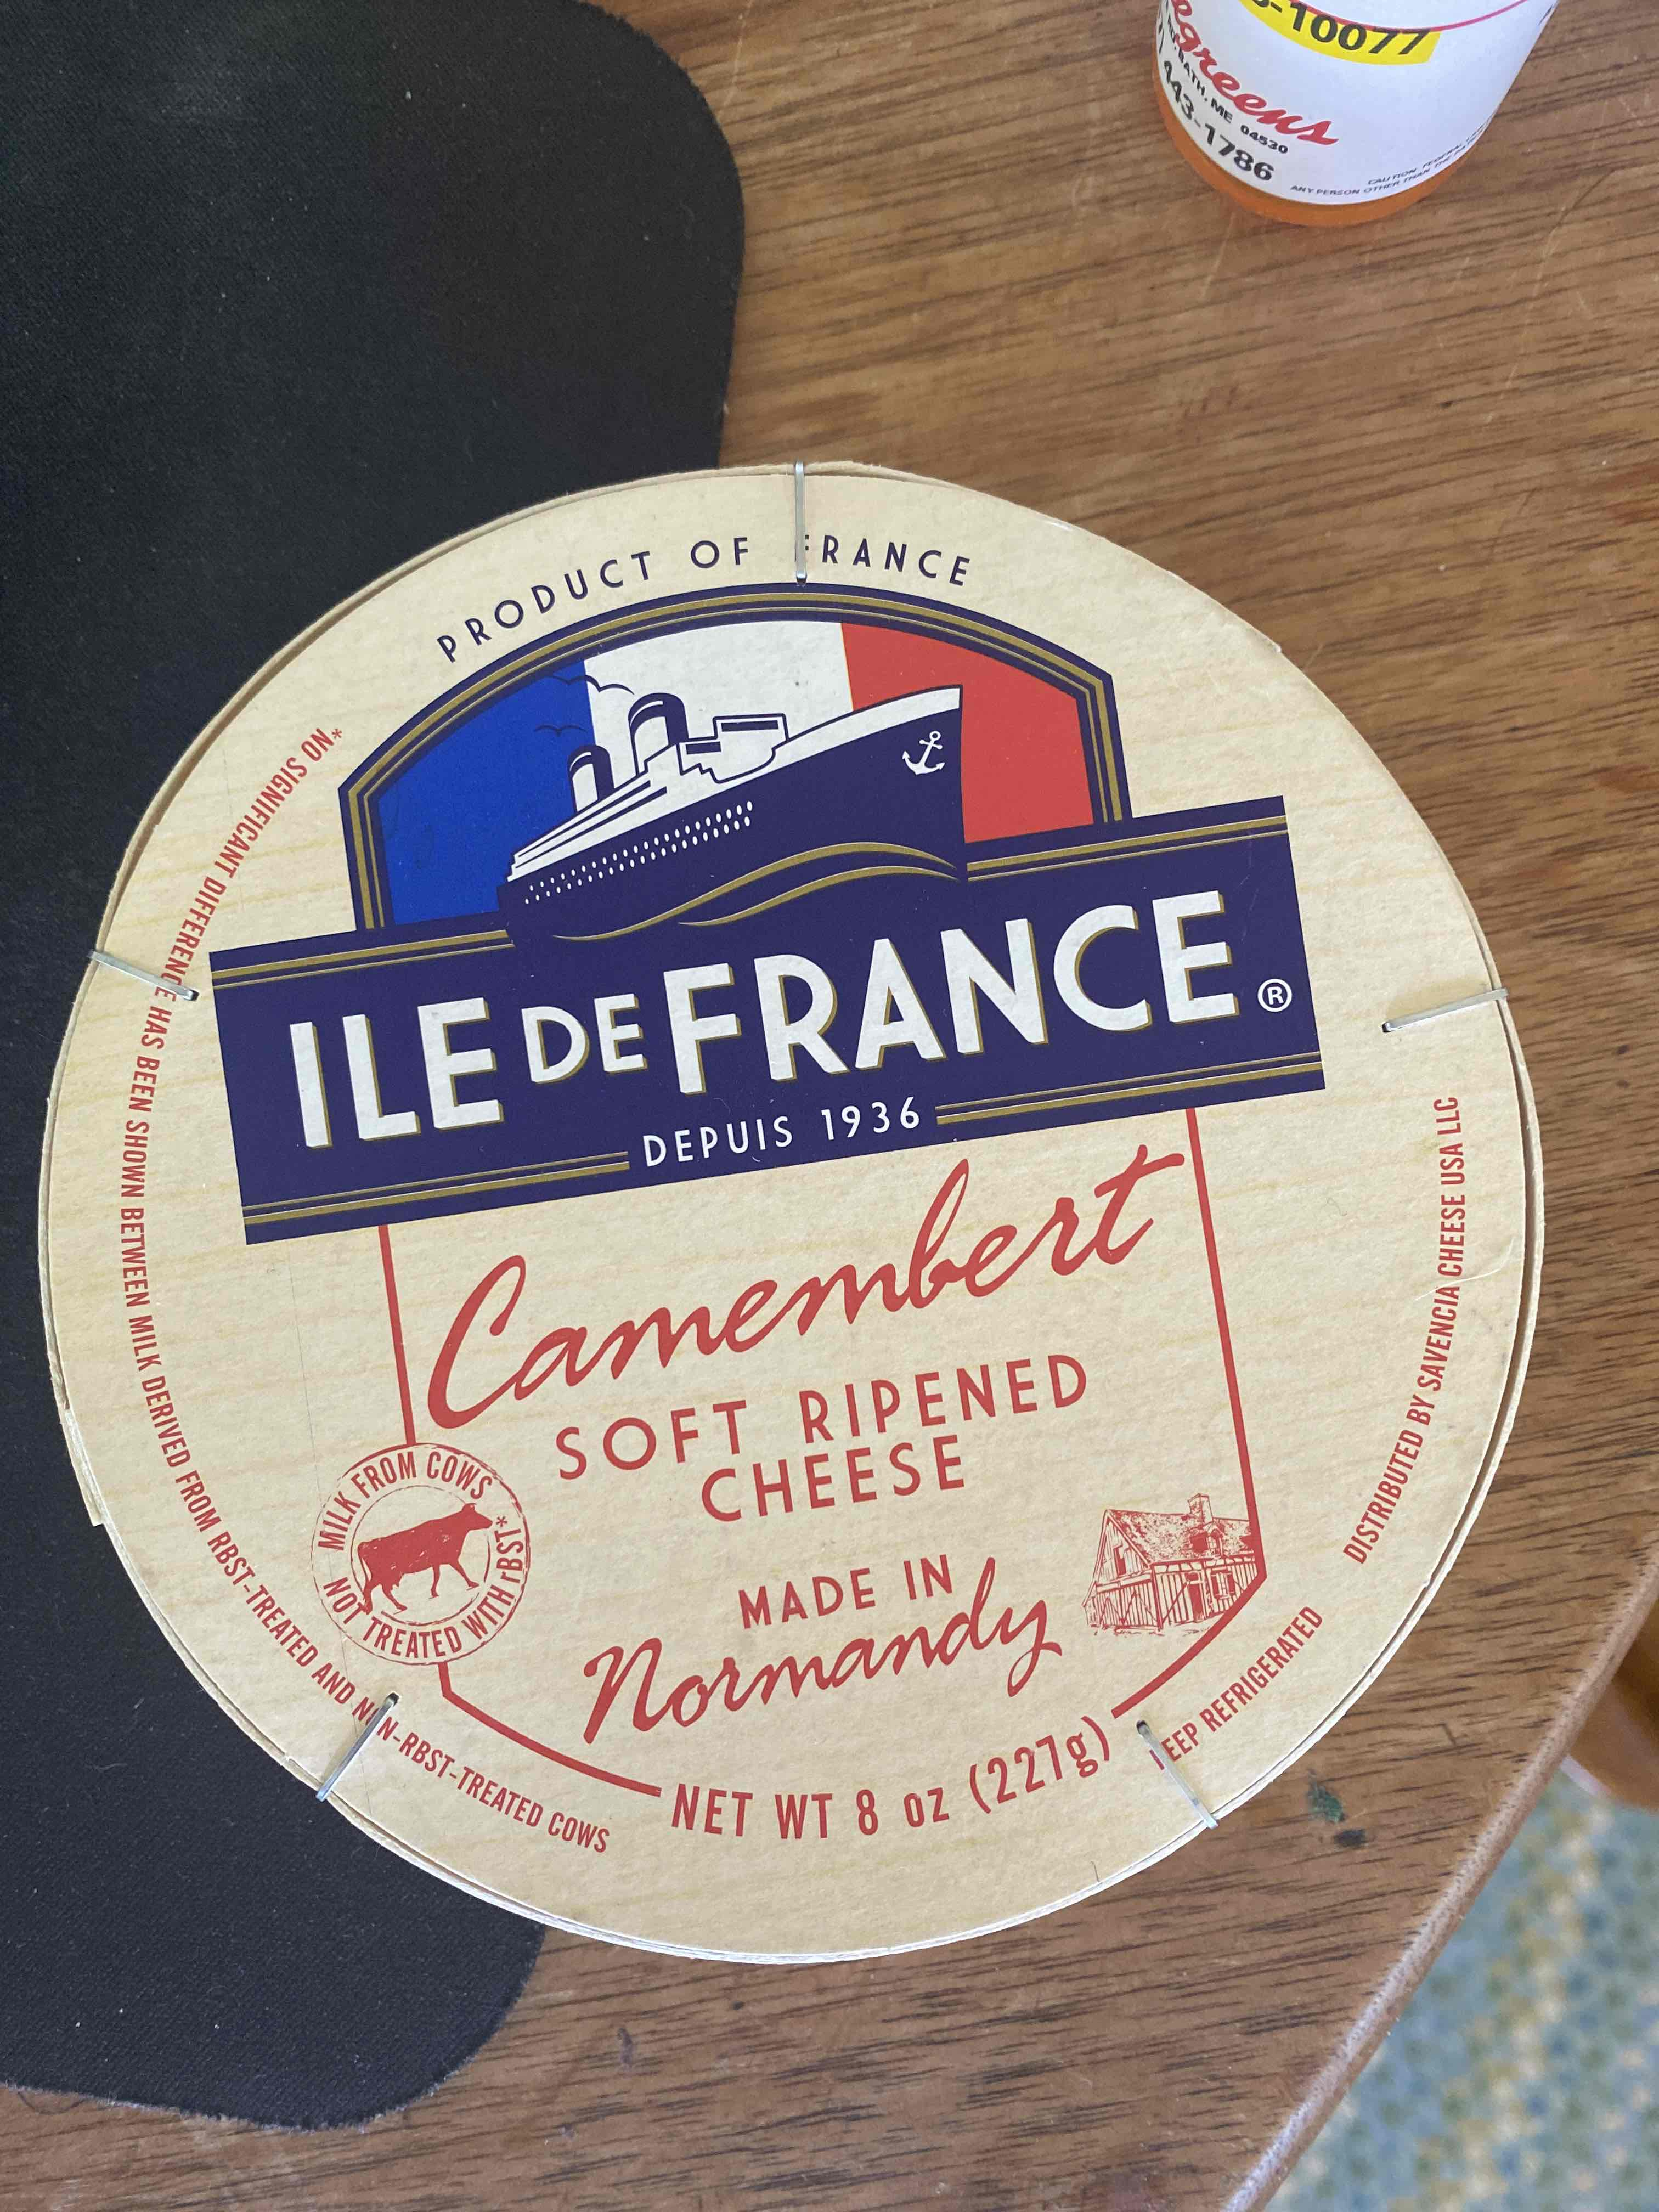 Ile de France Camembert